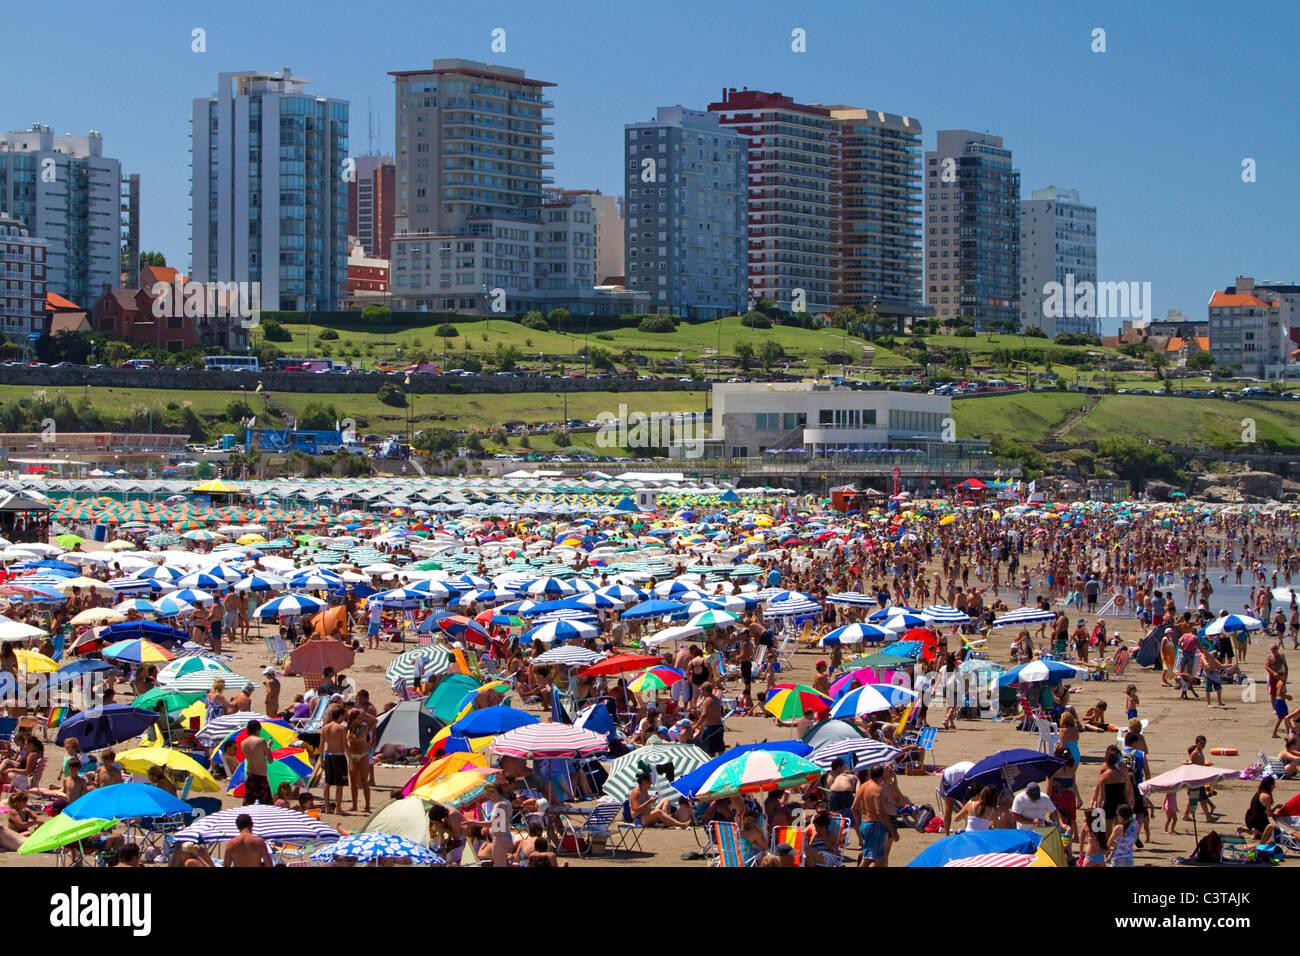 Beach scene at Mar del Plata, Argentina. - Stock Image